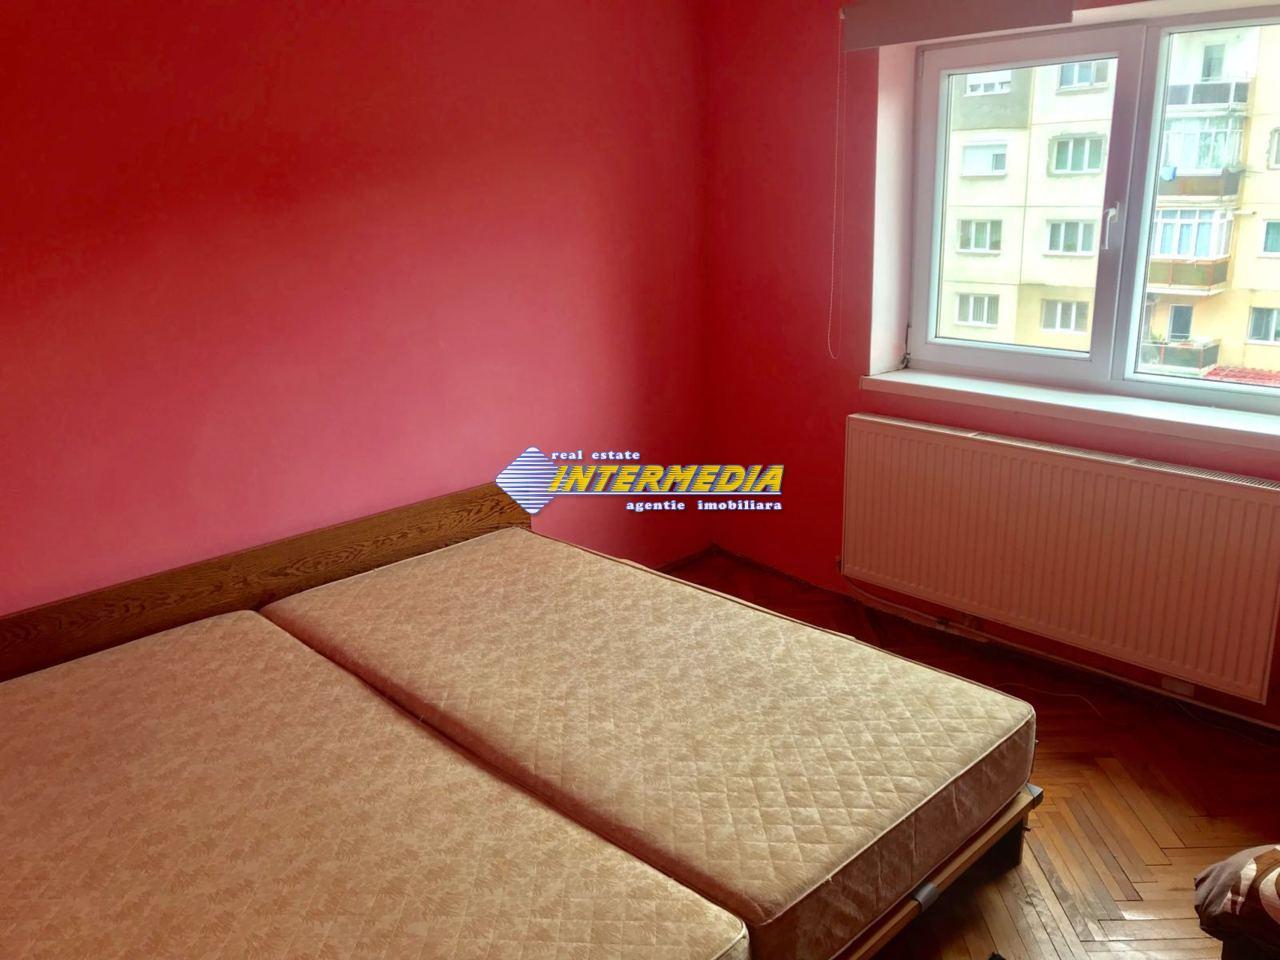 3 camere decomandat de Inchiriat in Cetate Alba Iulia-25574-6